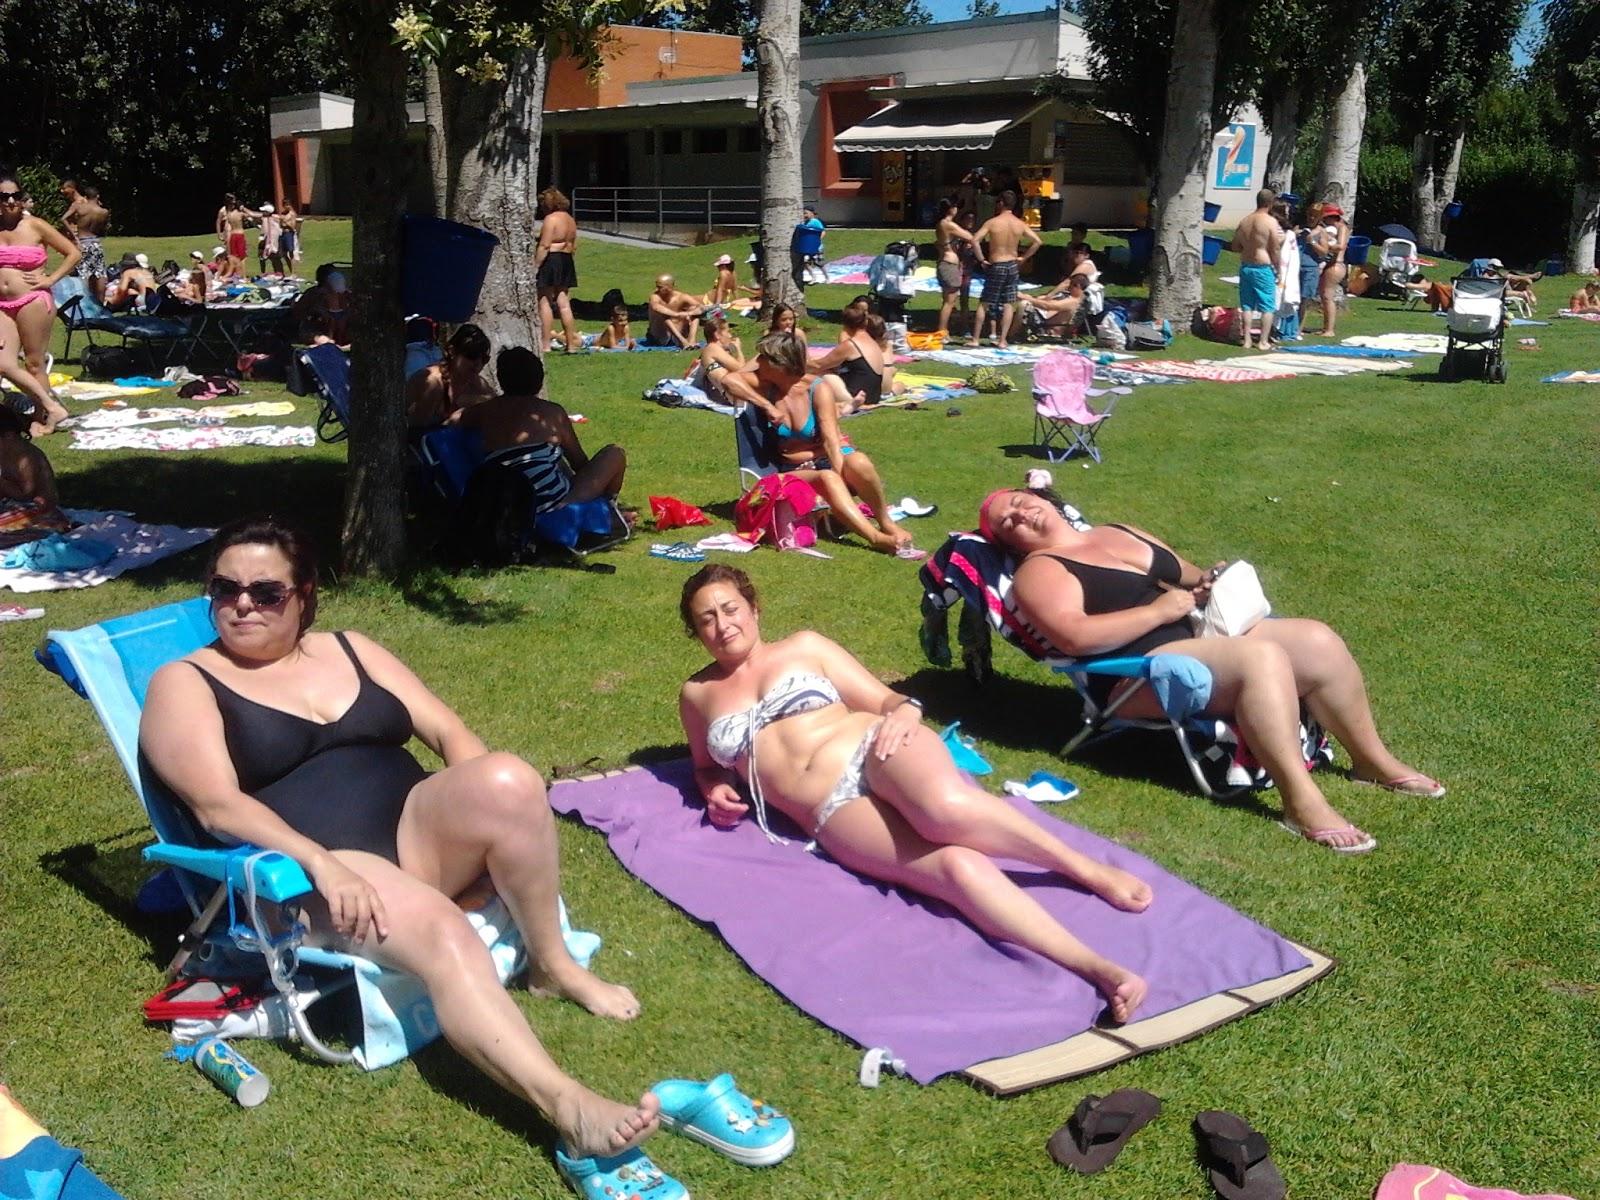 Asociaci n de mujeres alba de illas fotos de la excursi n for Horario piscinas valencia de don juan